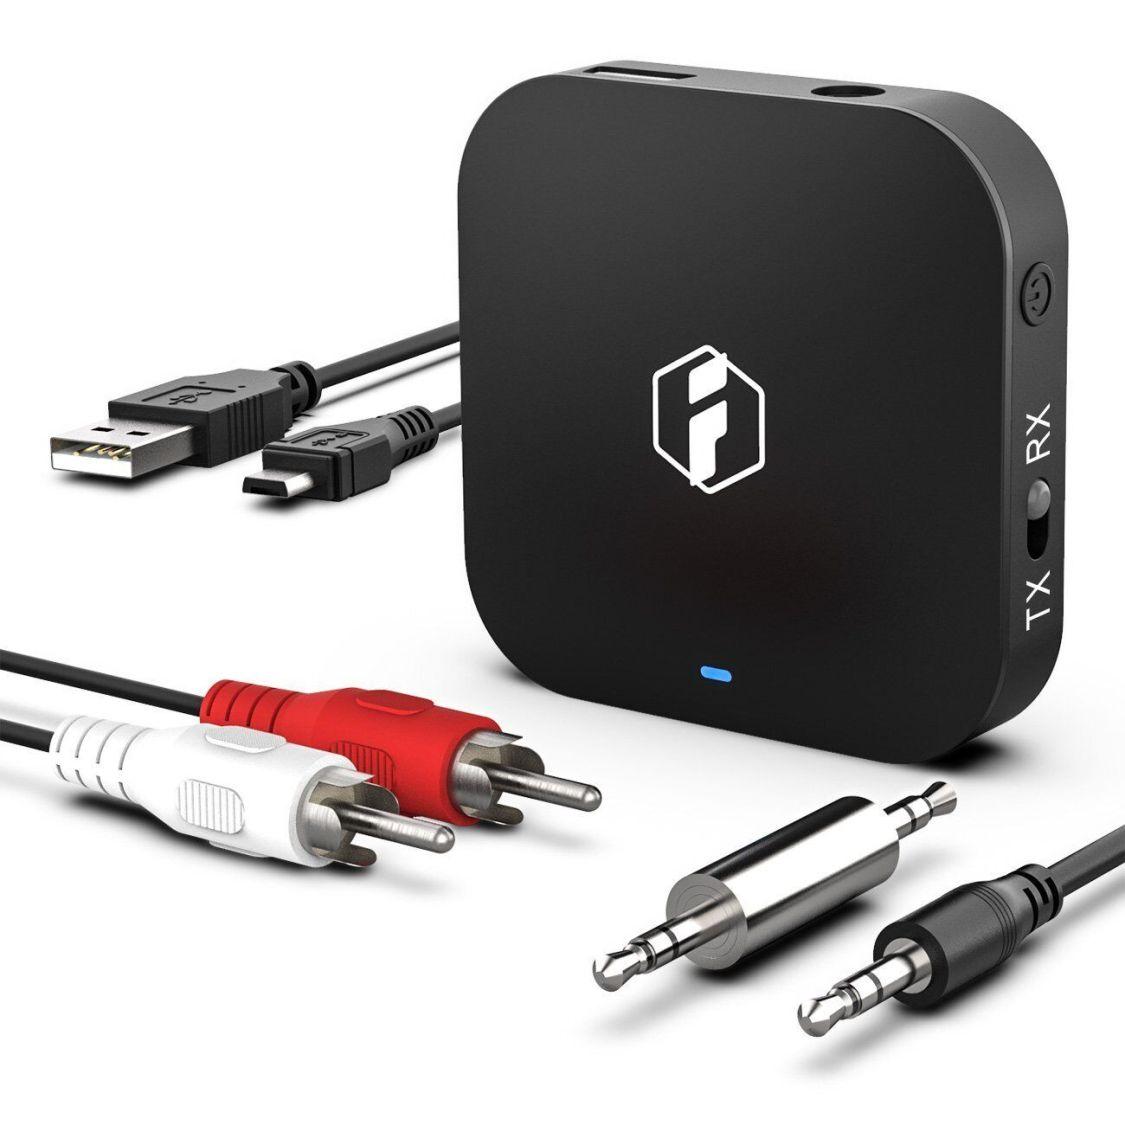 Inateck 2 in 1 3,5 mm Audio Bluetooth-Sender-Empfänger aptX HD Bluetooth Adapter